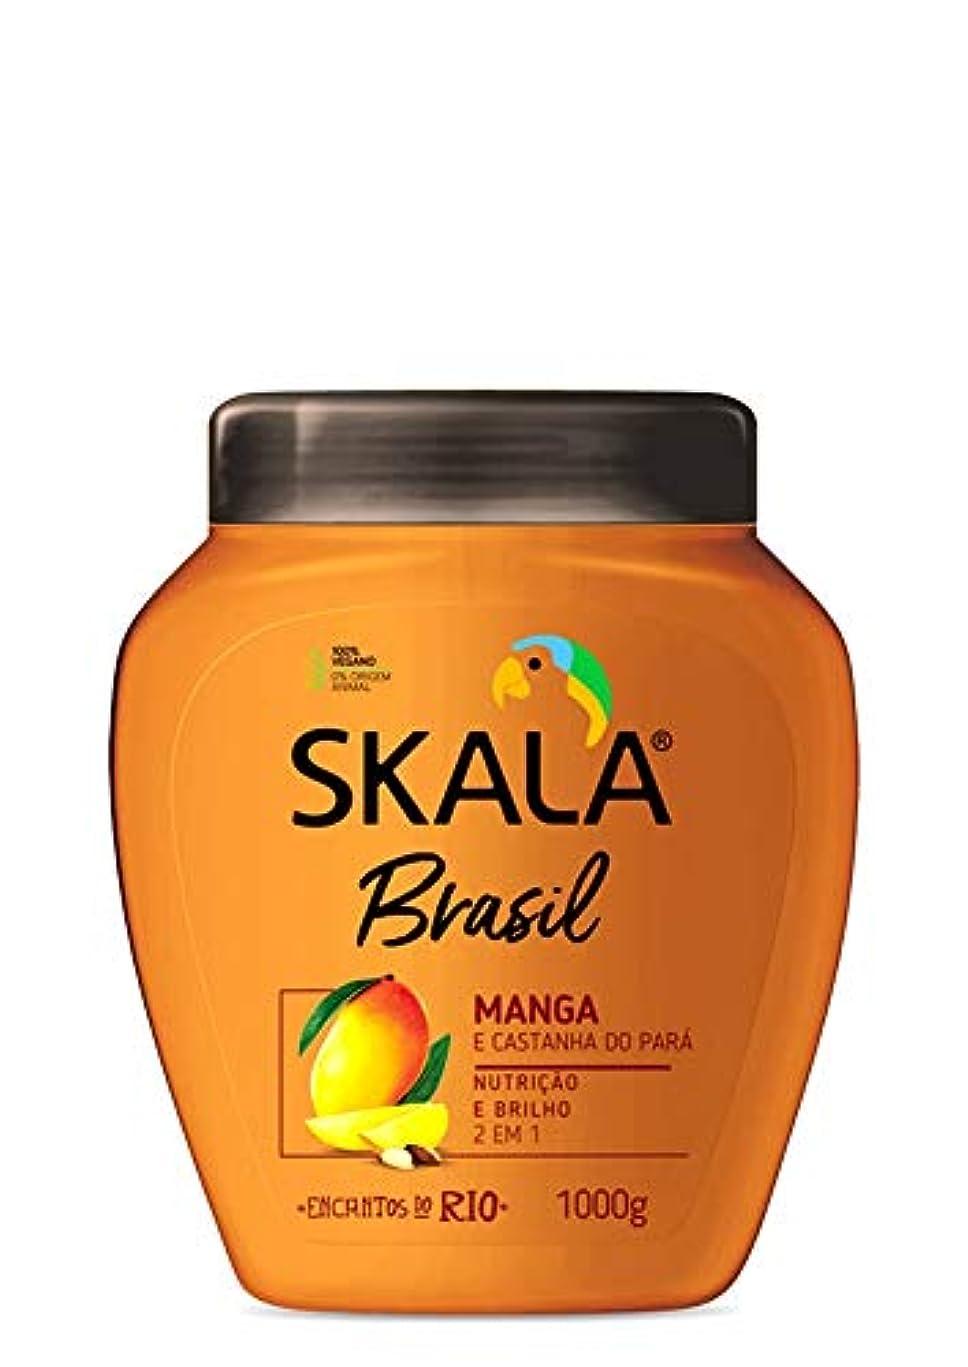 秋望ましいベーリング海峡Skala Brasil スカラブラジル マンゴー&パラ栗 オールヘア用 2イン1 トリートメントクリーム 1kg